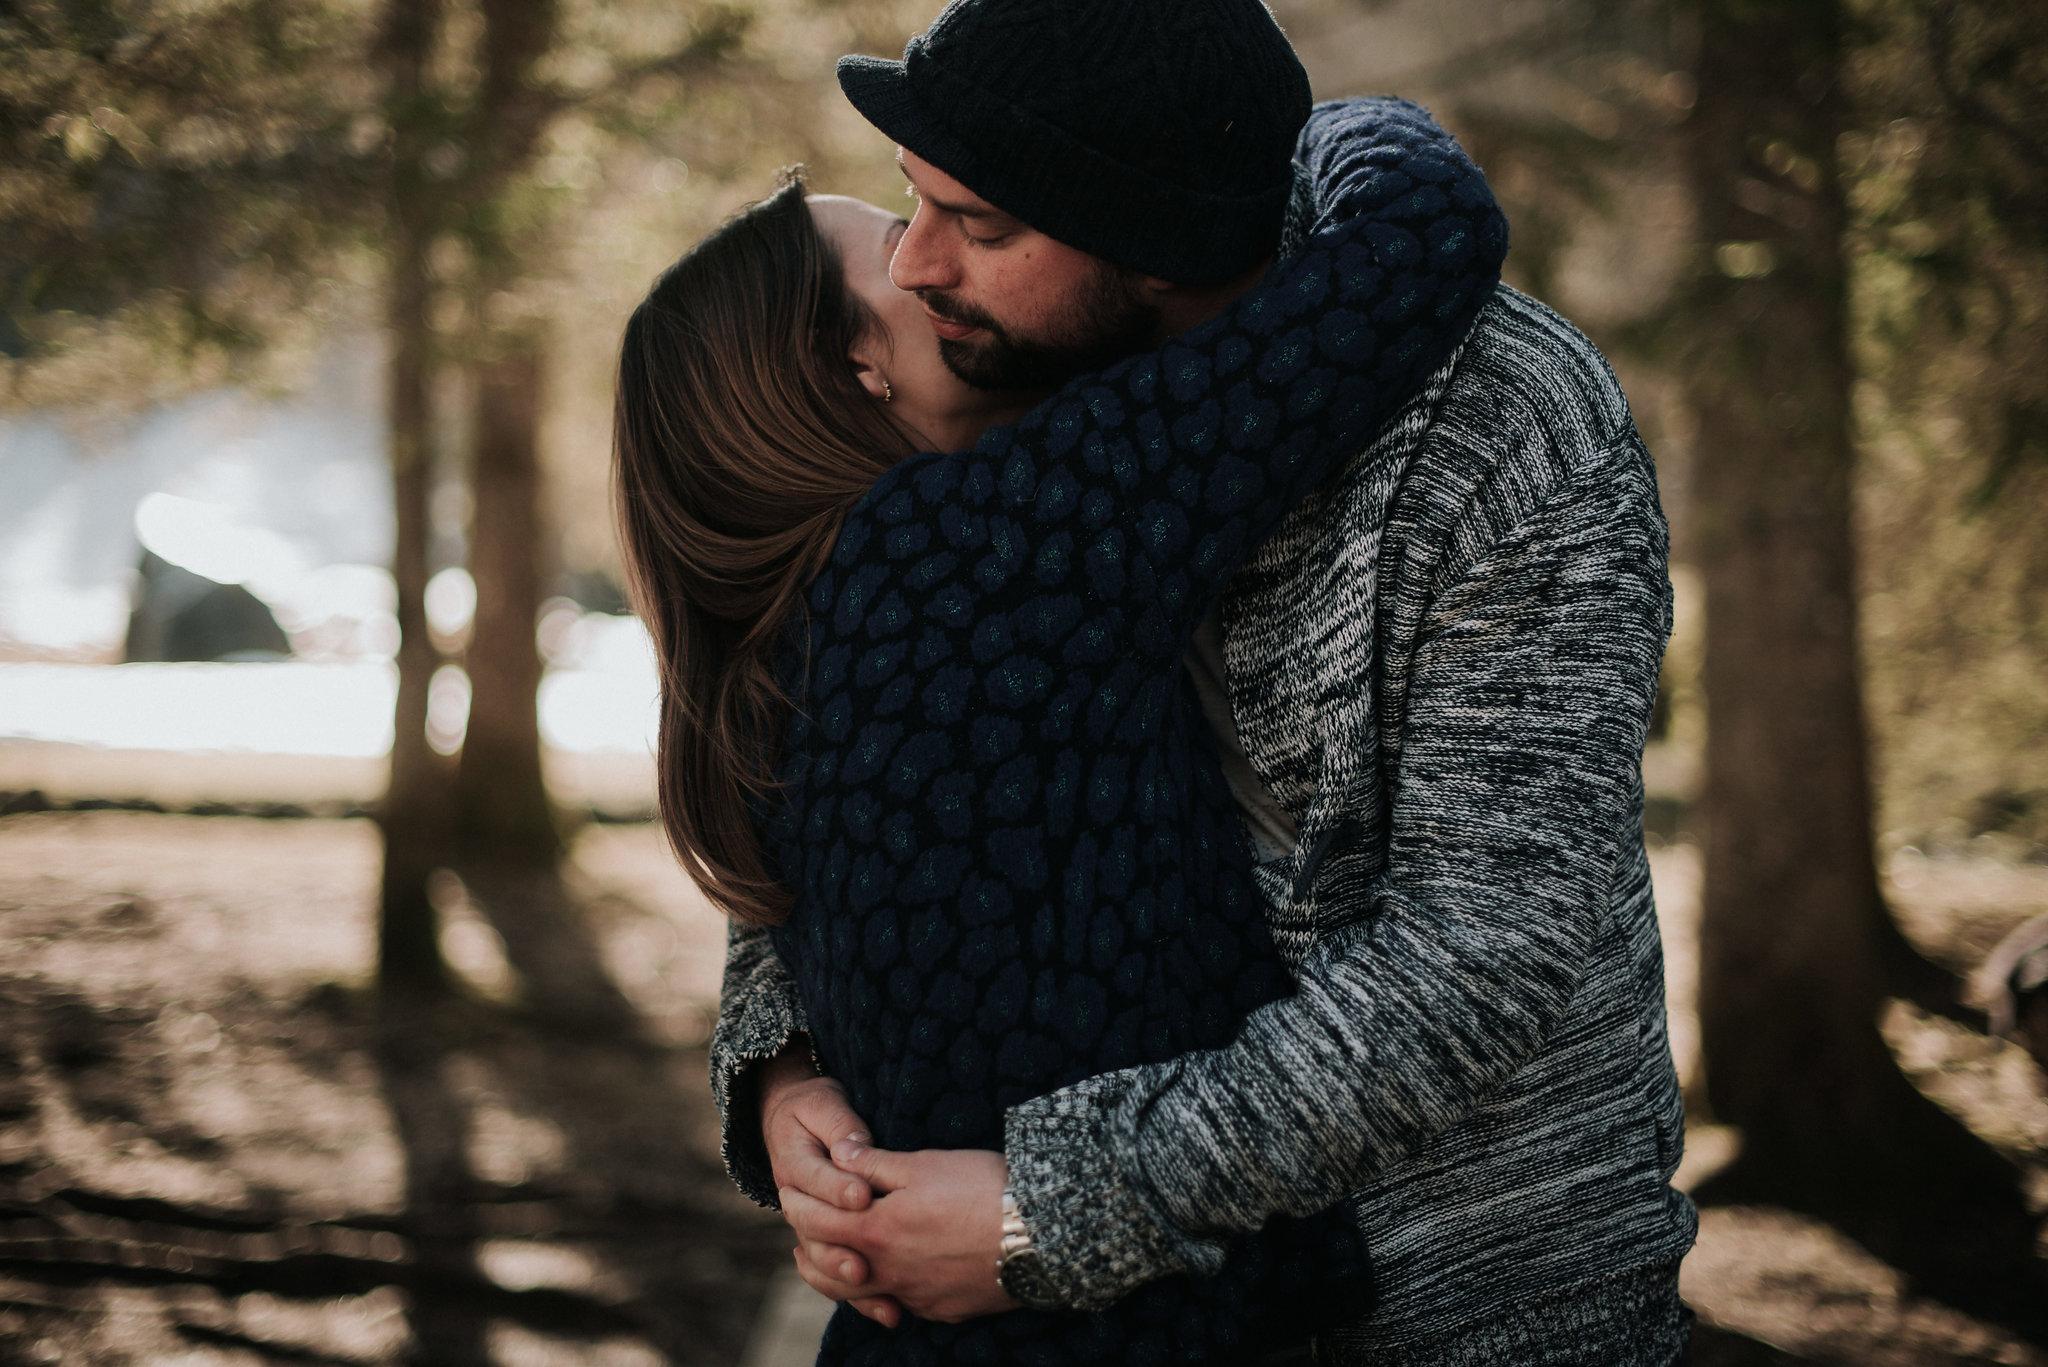 Léa-Fery-photographe-professionnel-lyon-rhone-alpes-portrait-creation-mariage-evenement-evenementiel-famille-5320.jpg